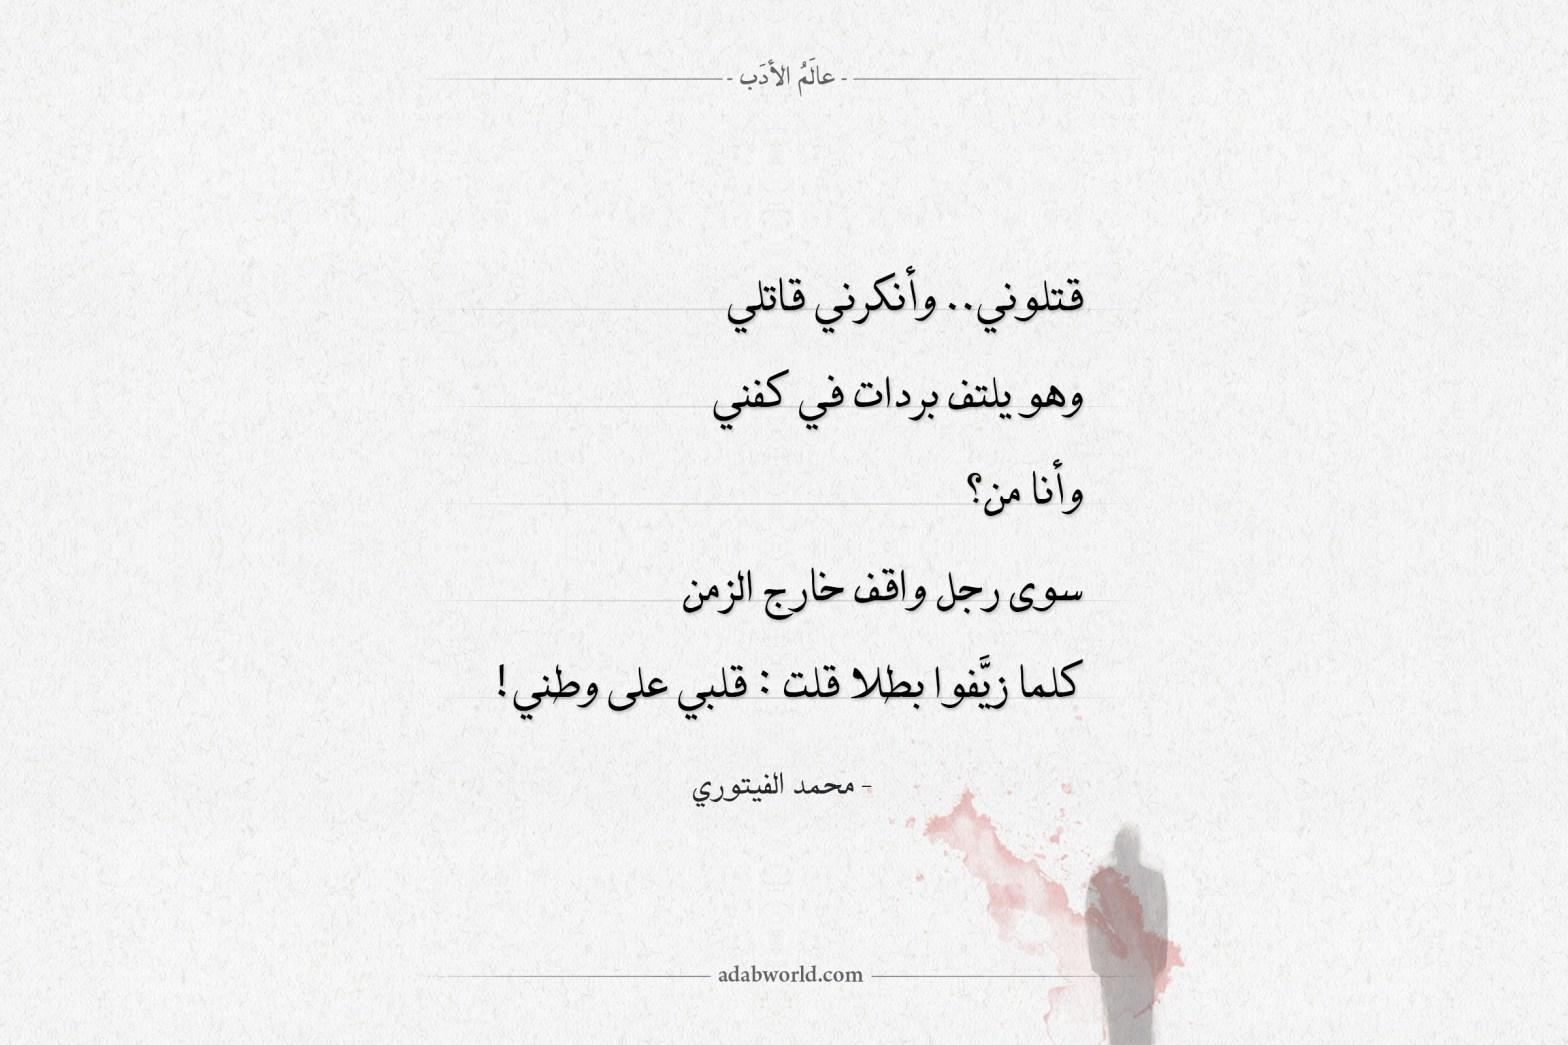 شعر محمد الفيتوري لا تحفروا لي قبرا